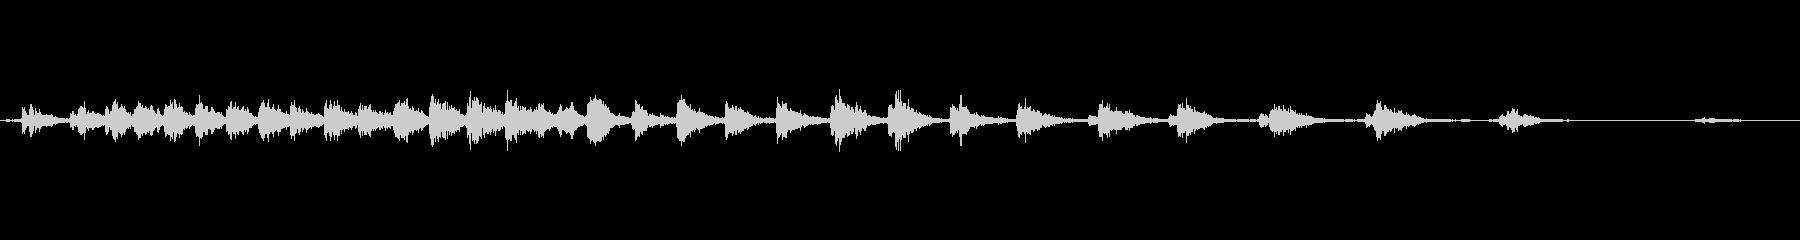 プーリーチェーンガラガラbの未再生の波形